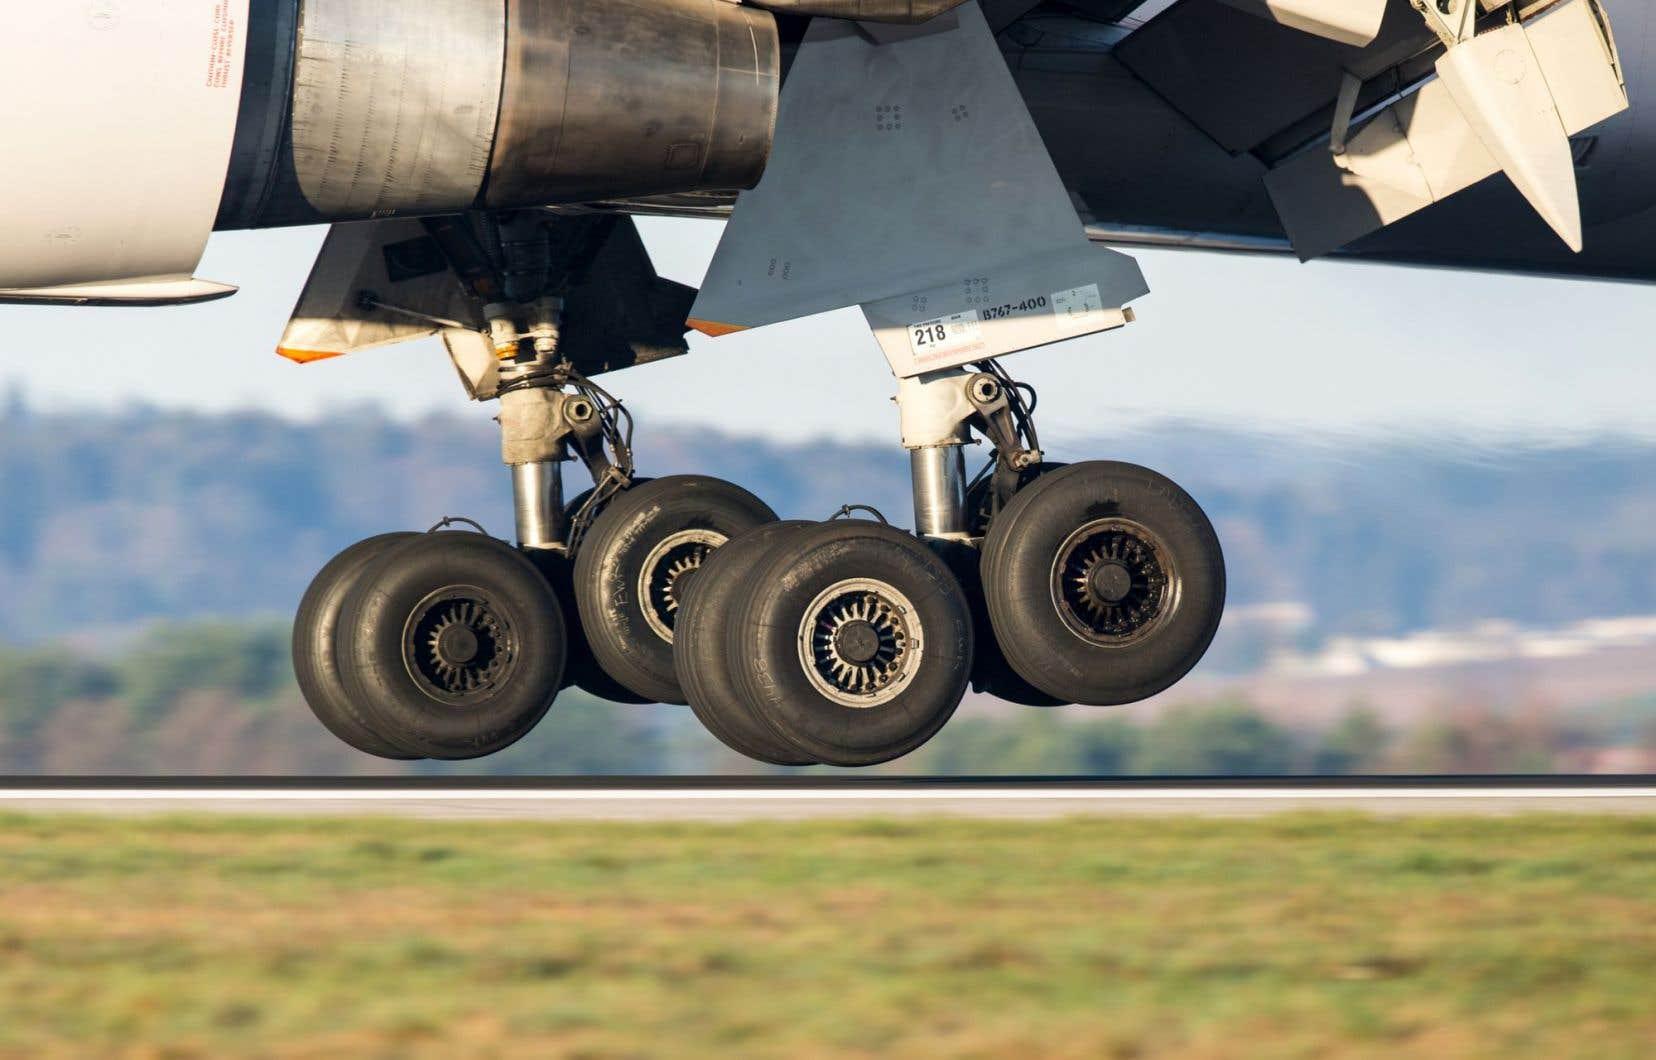 «[...] sur le dossier de l'aéronautique, nous défendrons toujours les entreprises canadiennes et les travailleurs canadiens», a prévenu le premier ministre Justin Trudeau.